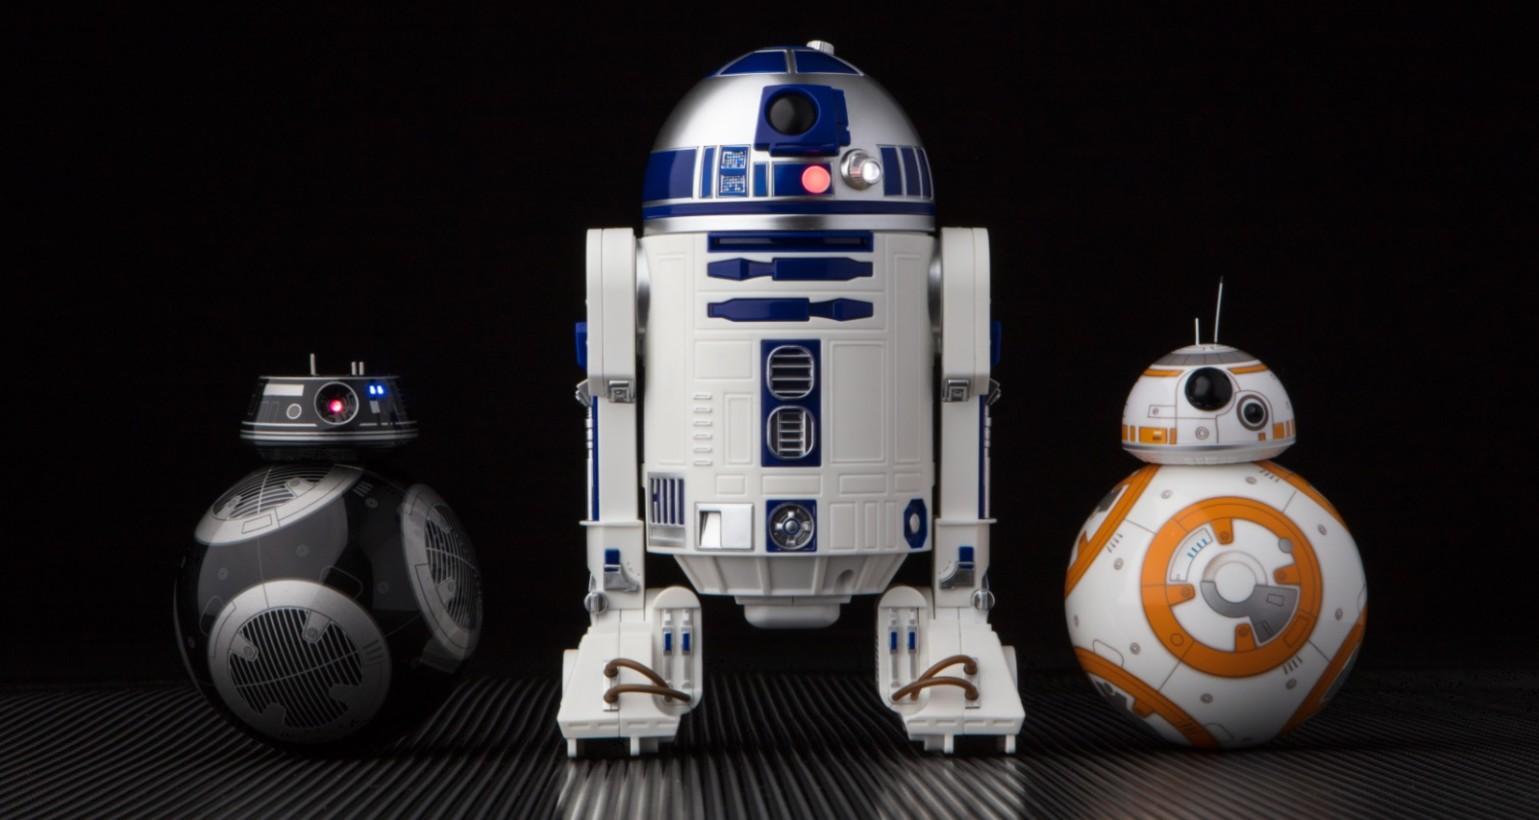 星戰迷不可錯過的最佳收藏!「R2-D2」及「BB-9E」智能遙控機器人(附上星戰8:最後的絕地武士精彩預告及精闢解說)